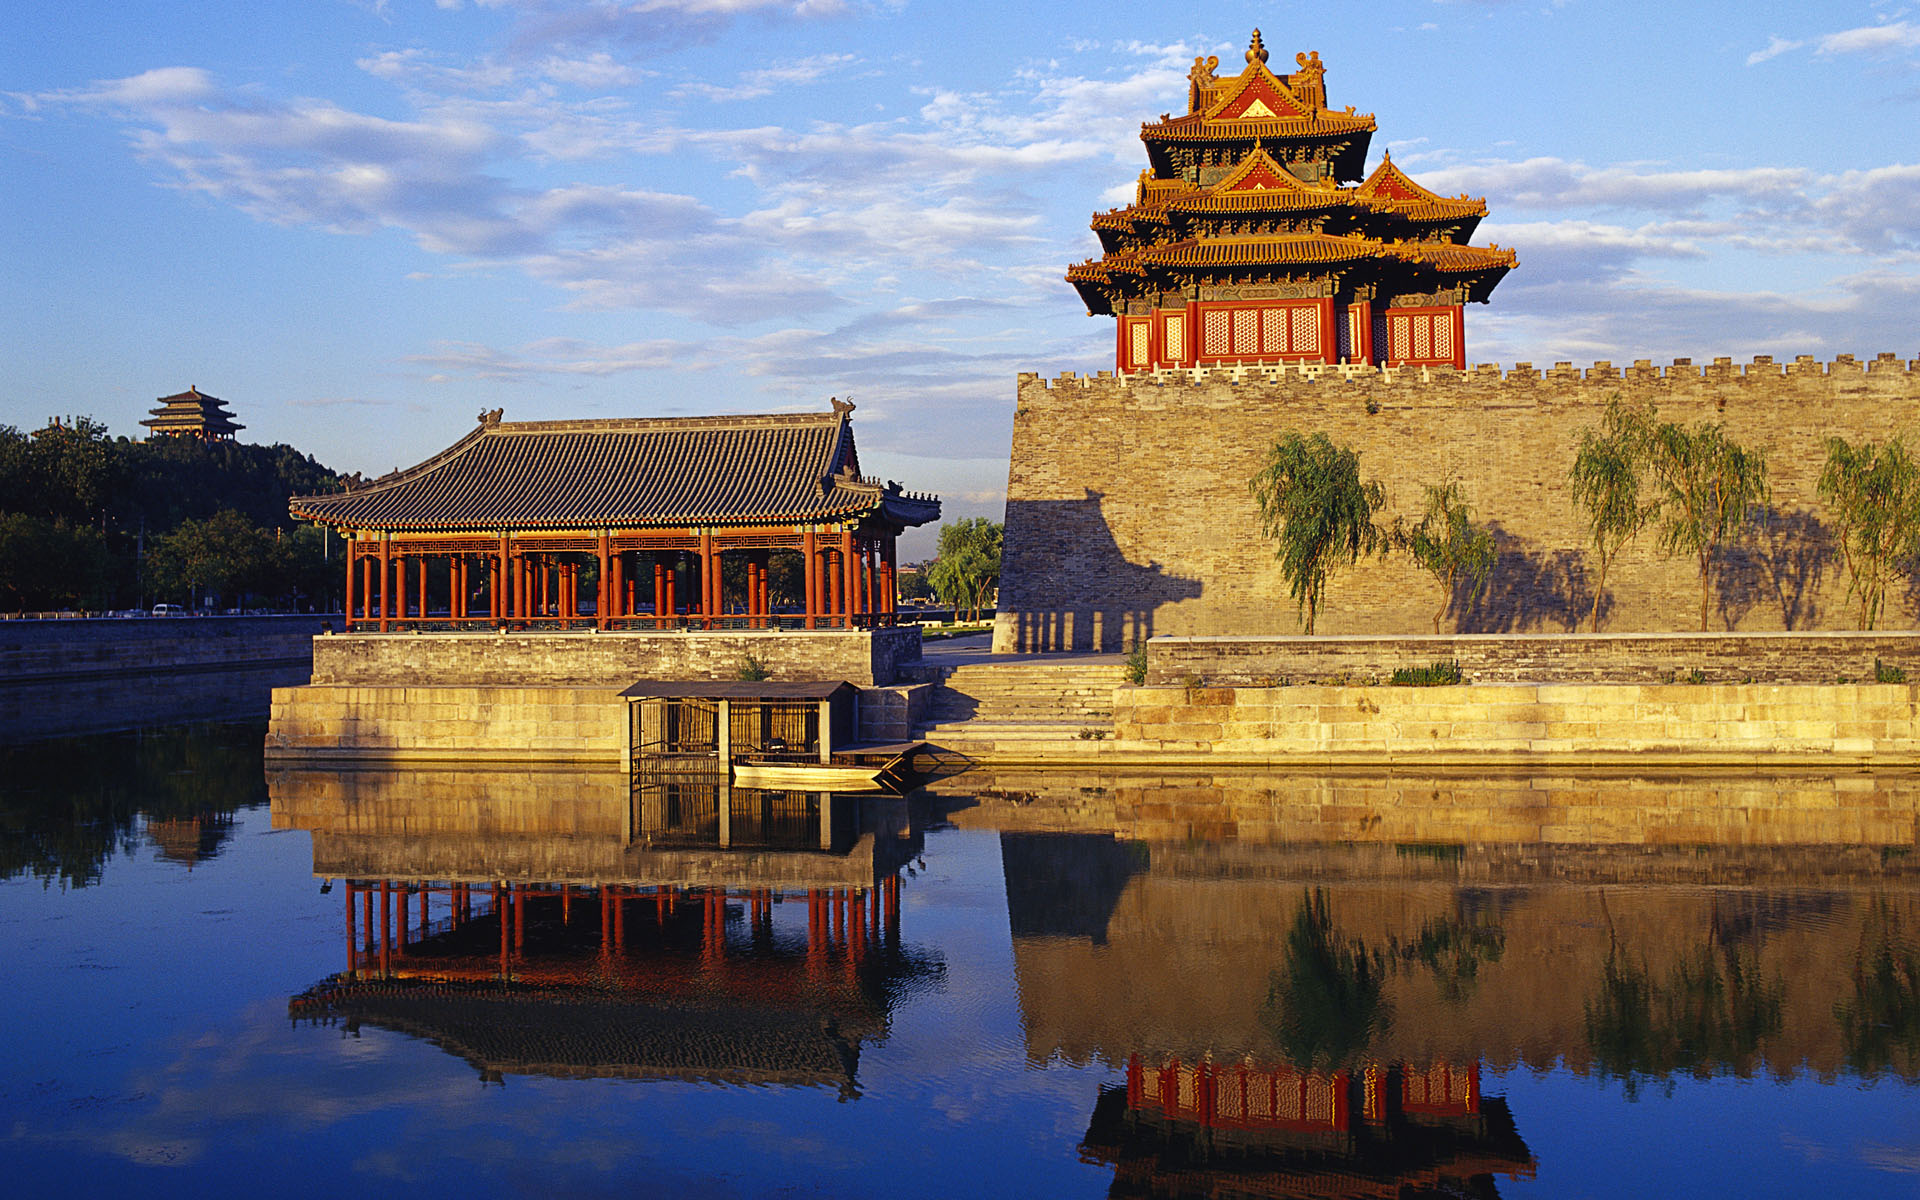 ??????????? (Corner Tower of Forbidden City in Beijing, China)